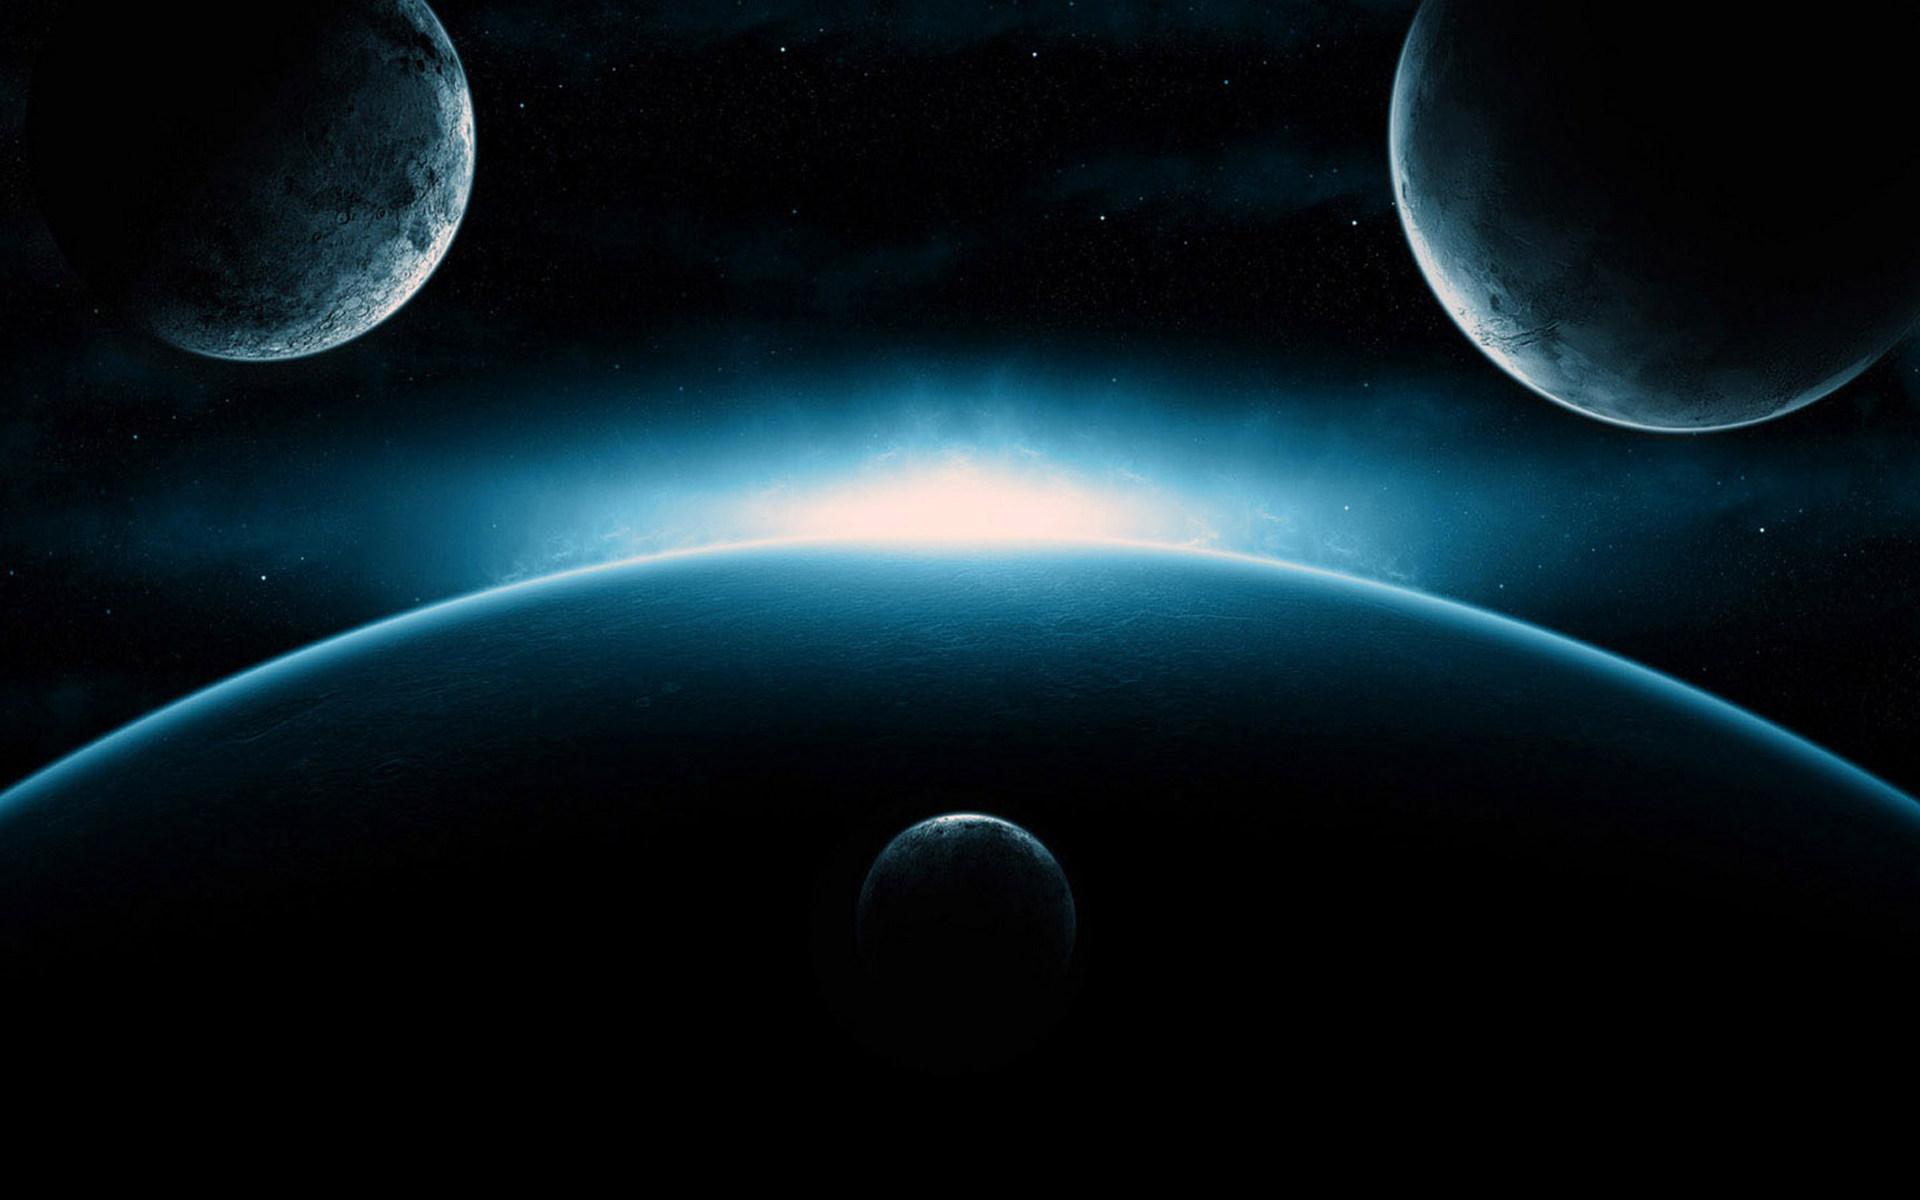 Обои планета космос орбита картинки на рабочий стол на тему Космос - скачать  № 1757101 бесплатно